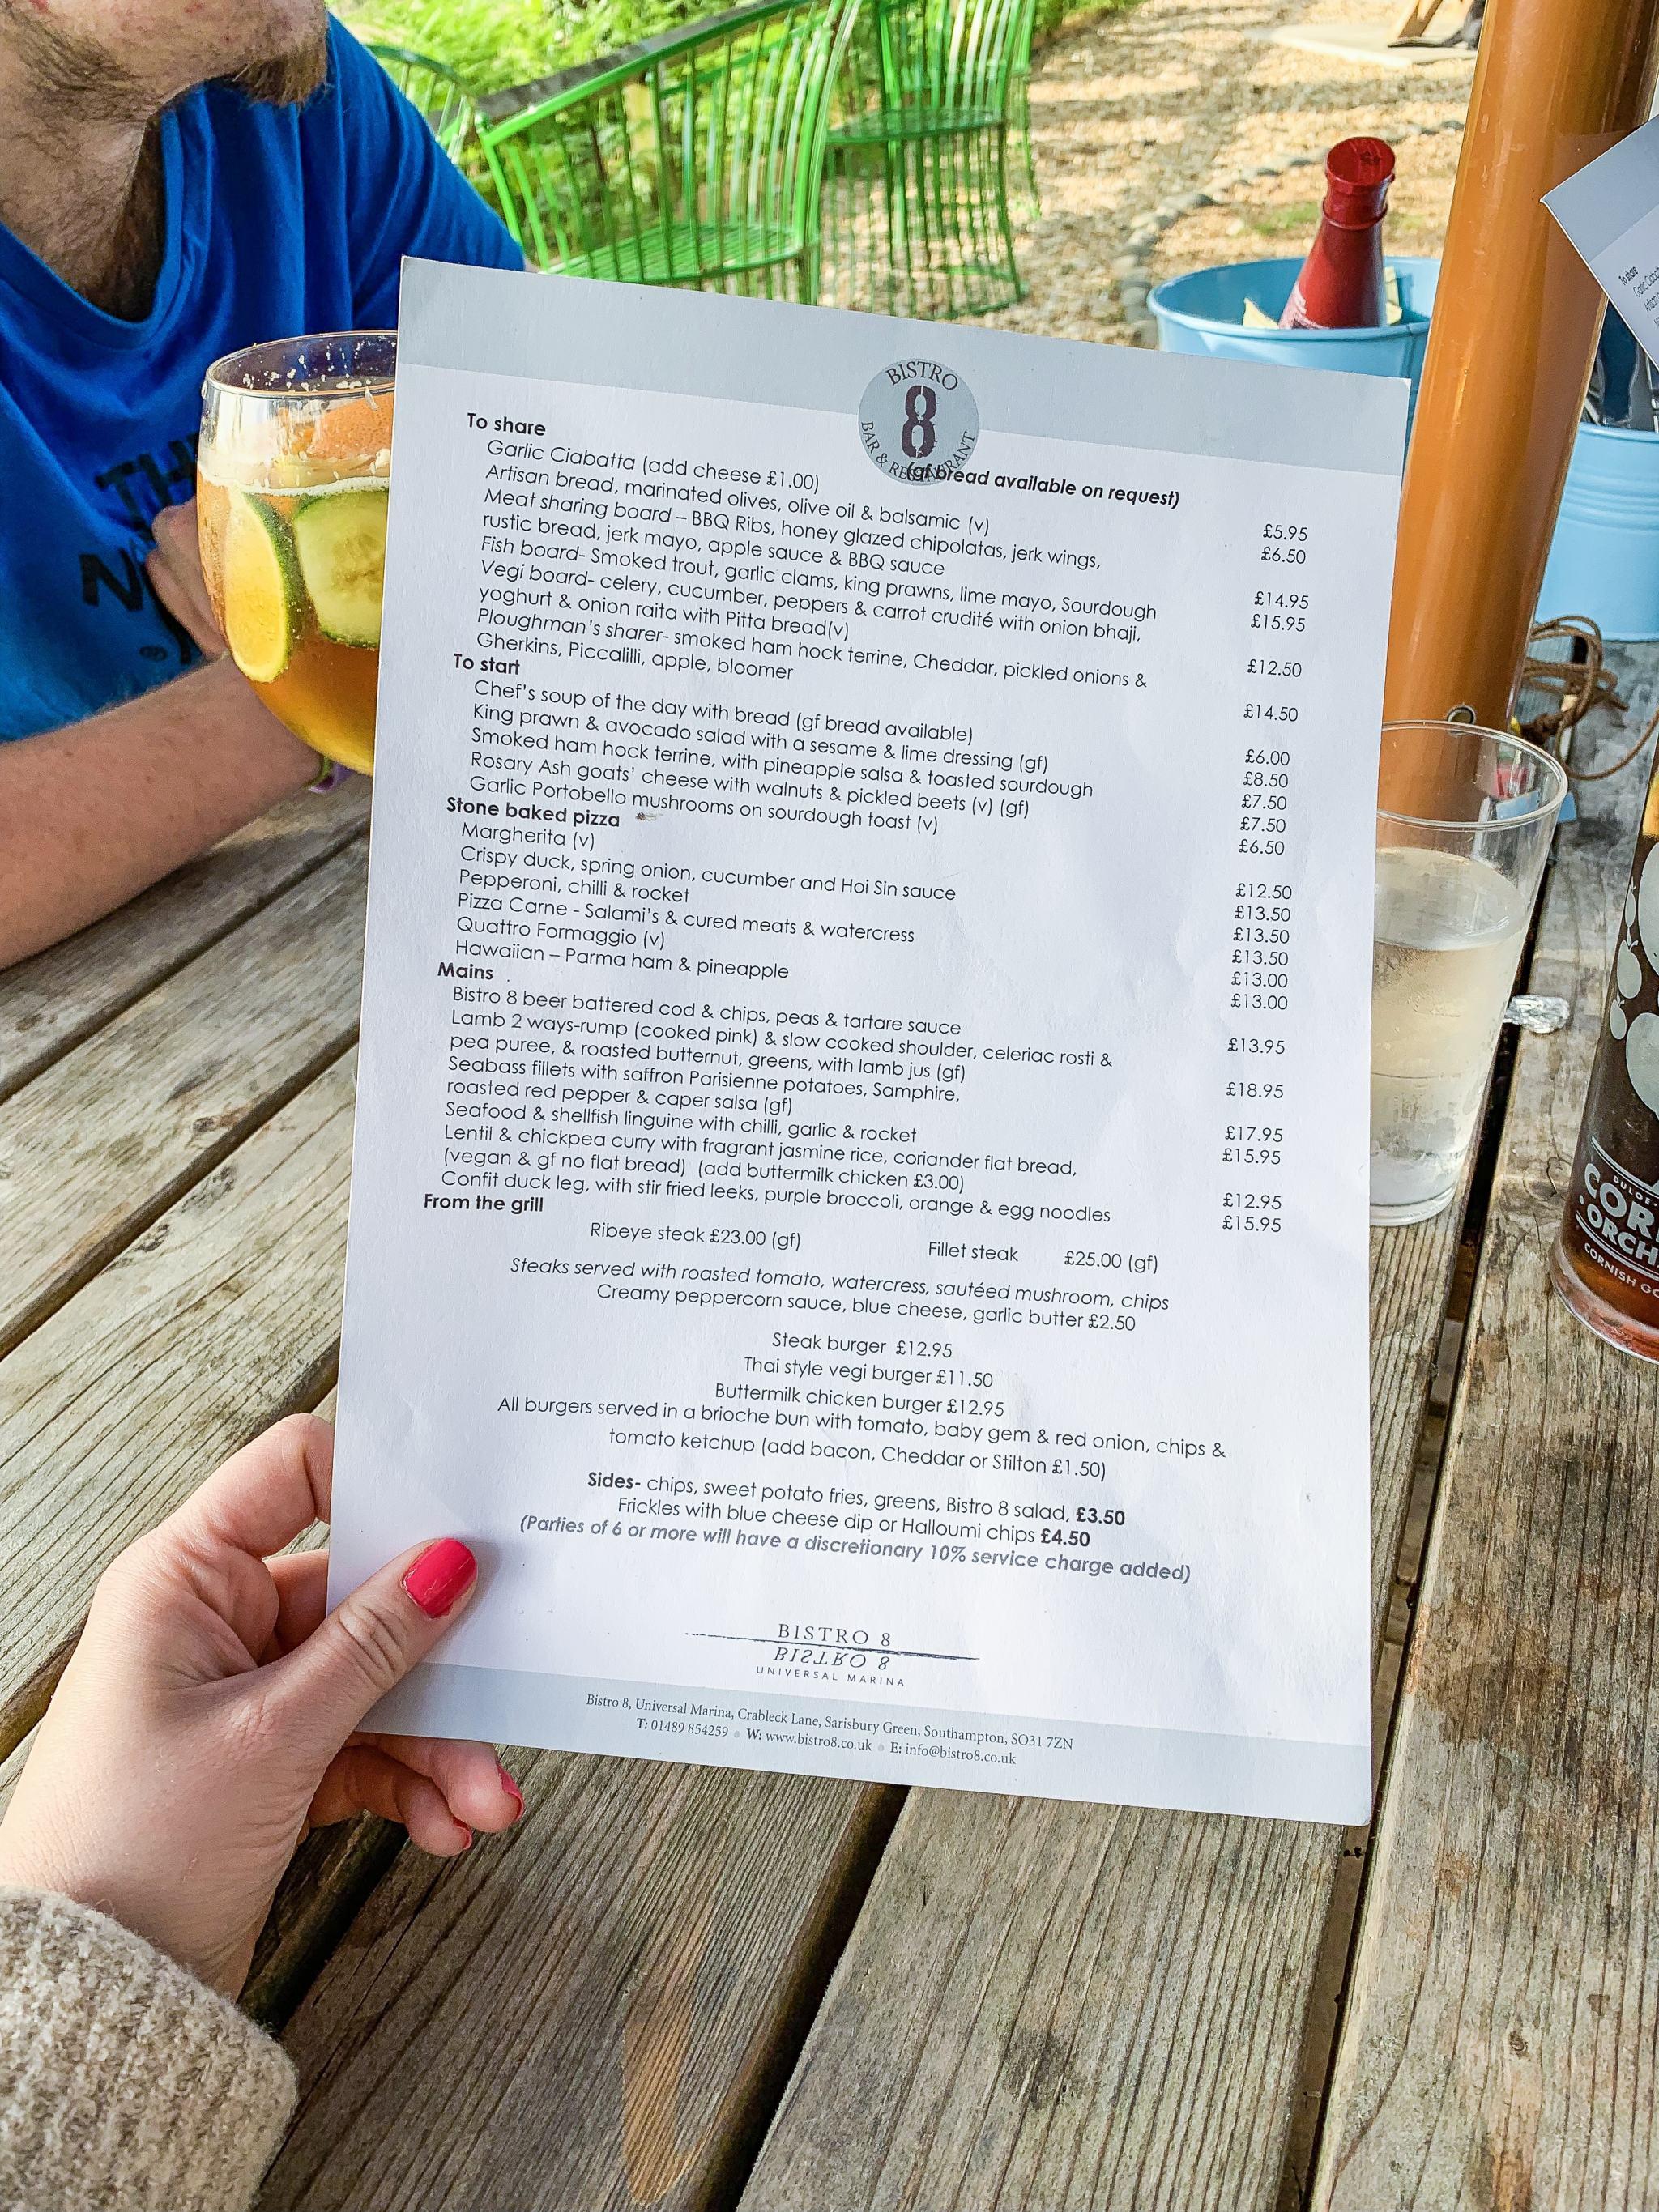 bistro 8 universal marina southampton menu